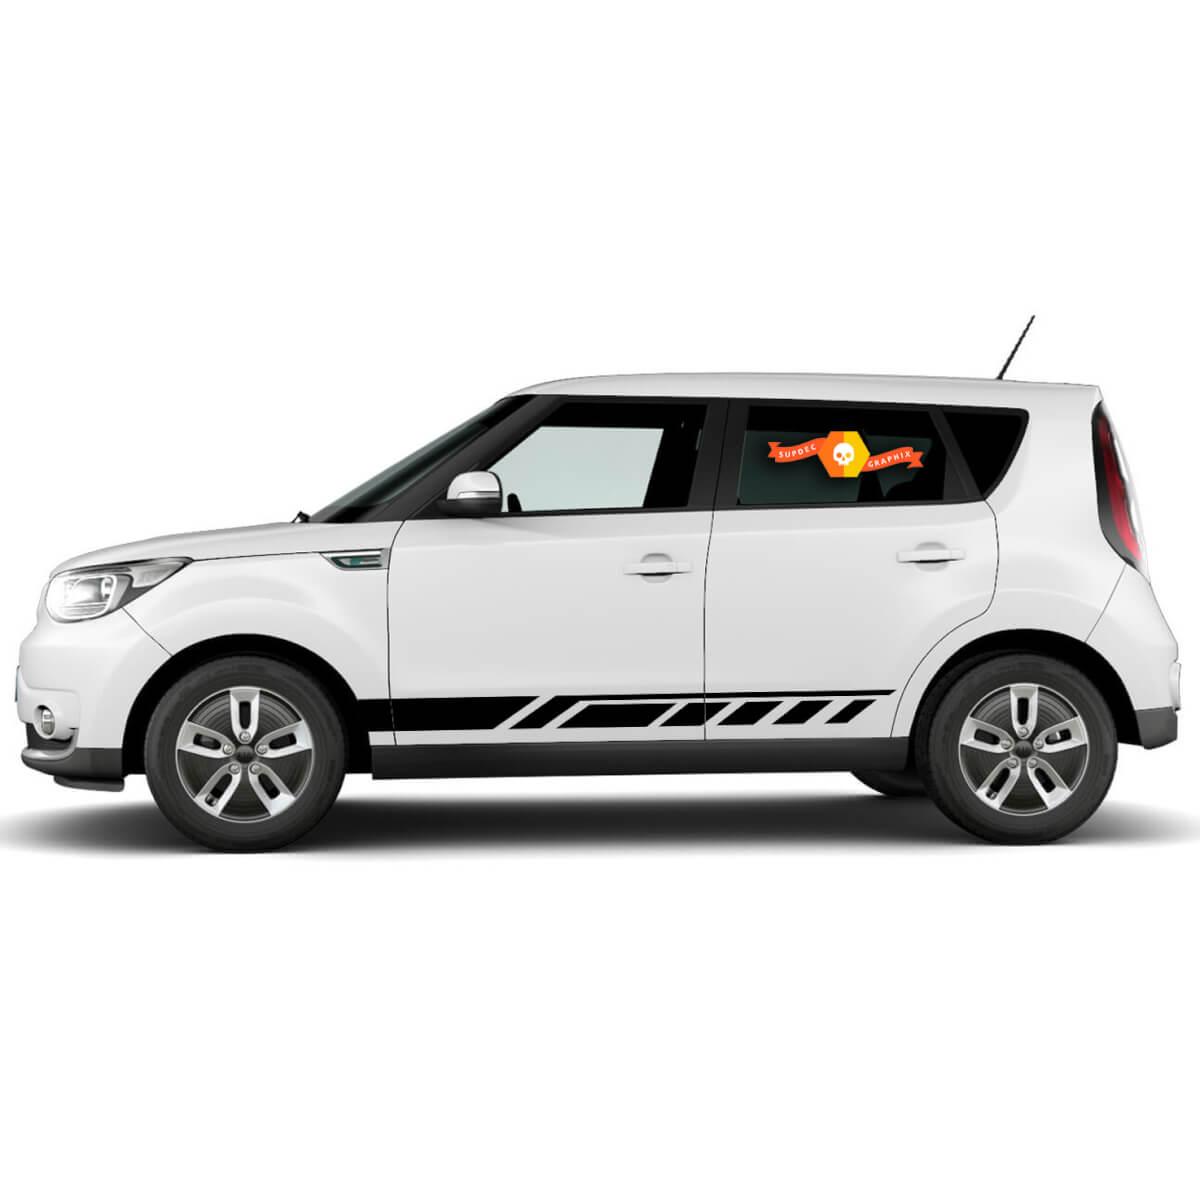 Auto Aufkleber Grafik Aufkleber Kipphebel Streifen Seiten Kit für Kia Soul